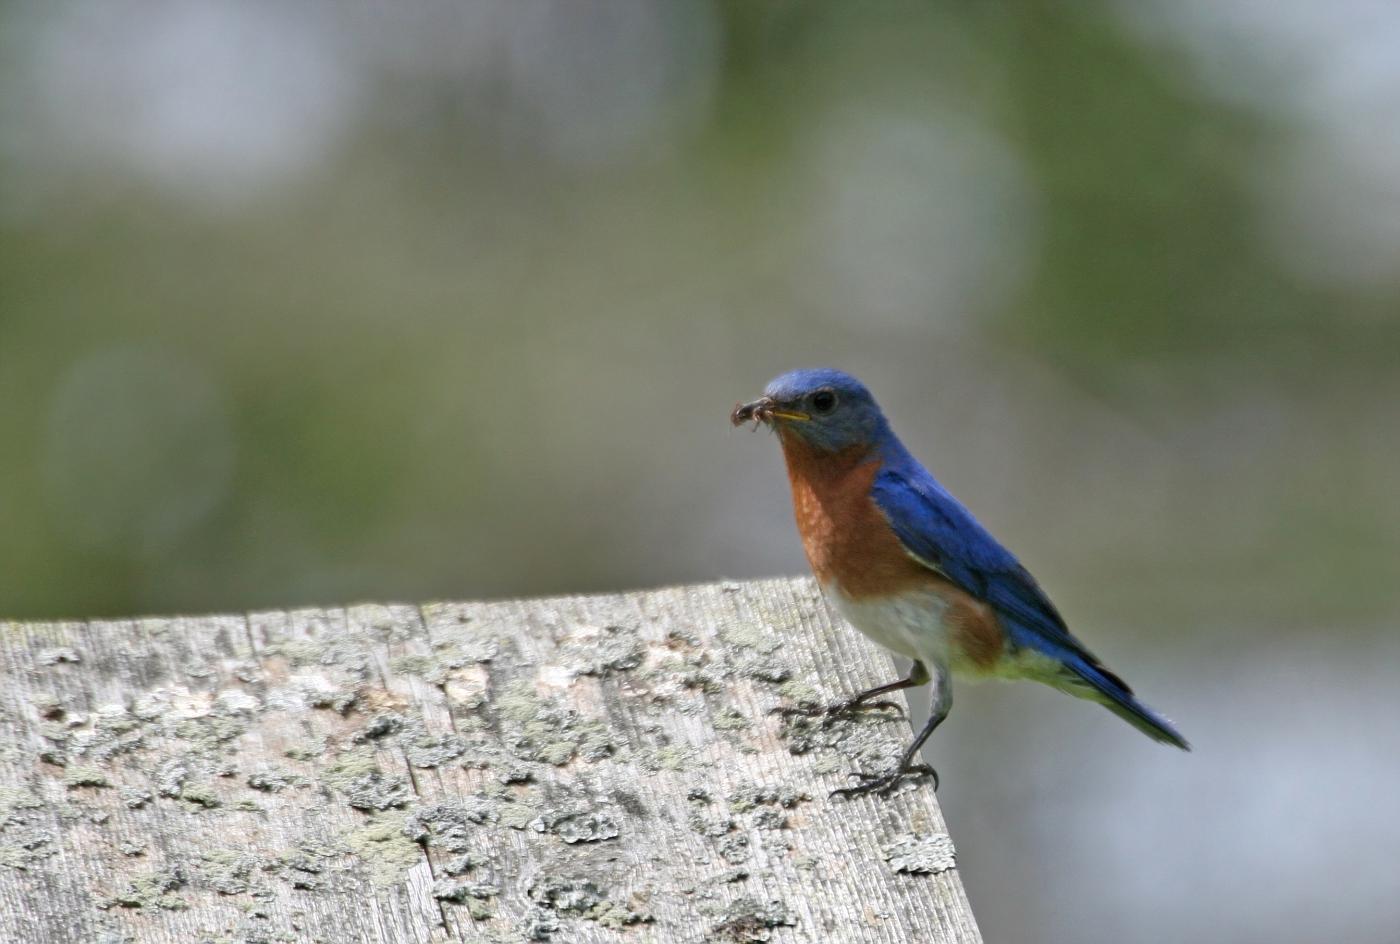 Male Bluebird #24